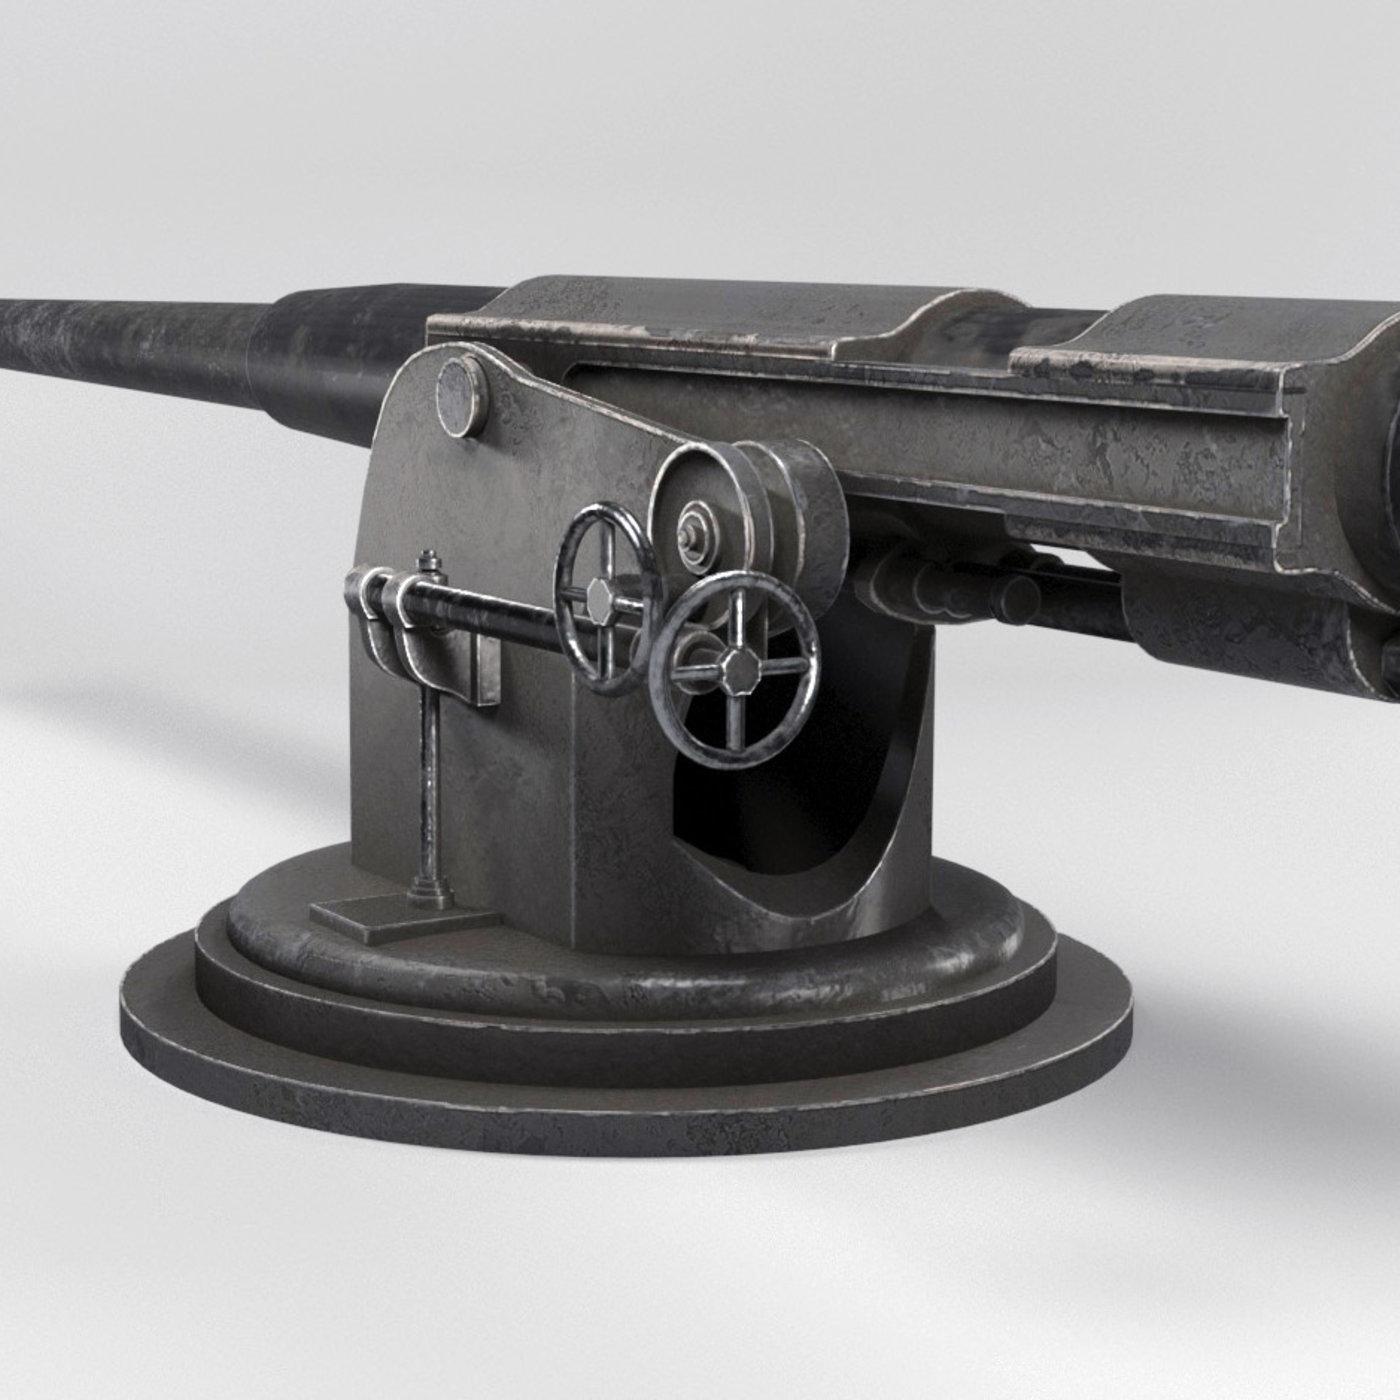 152-mm Kane gun